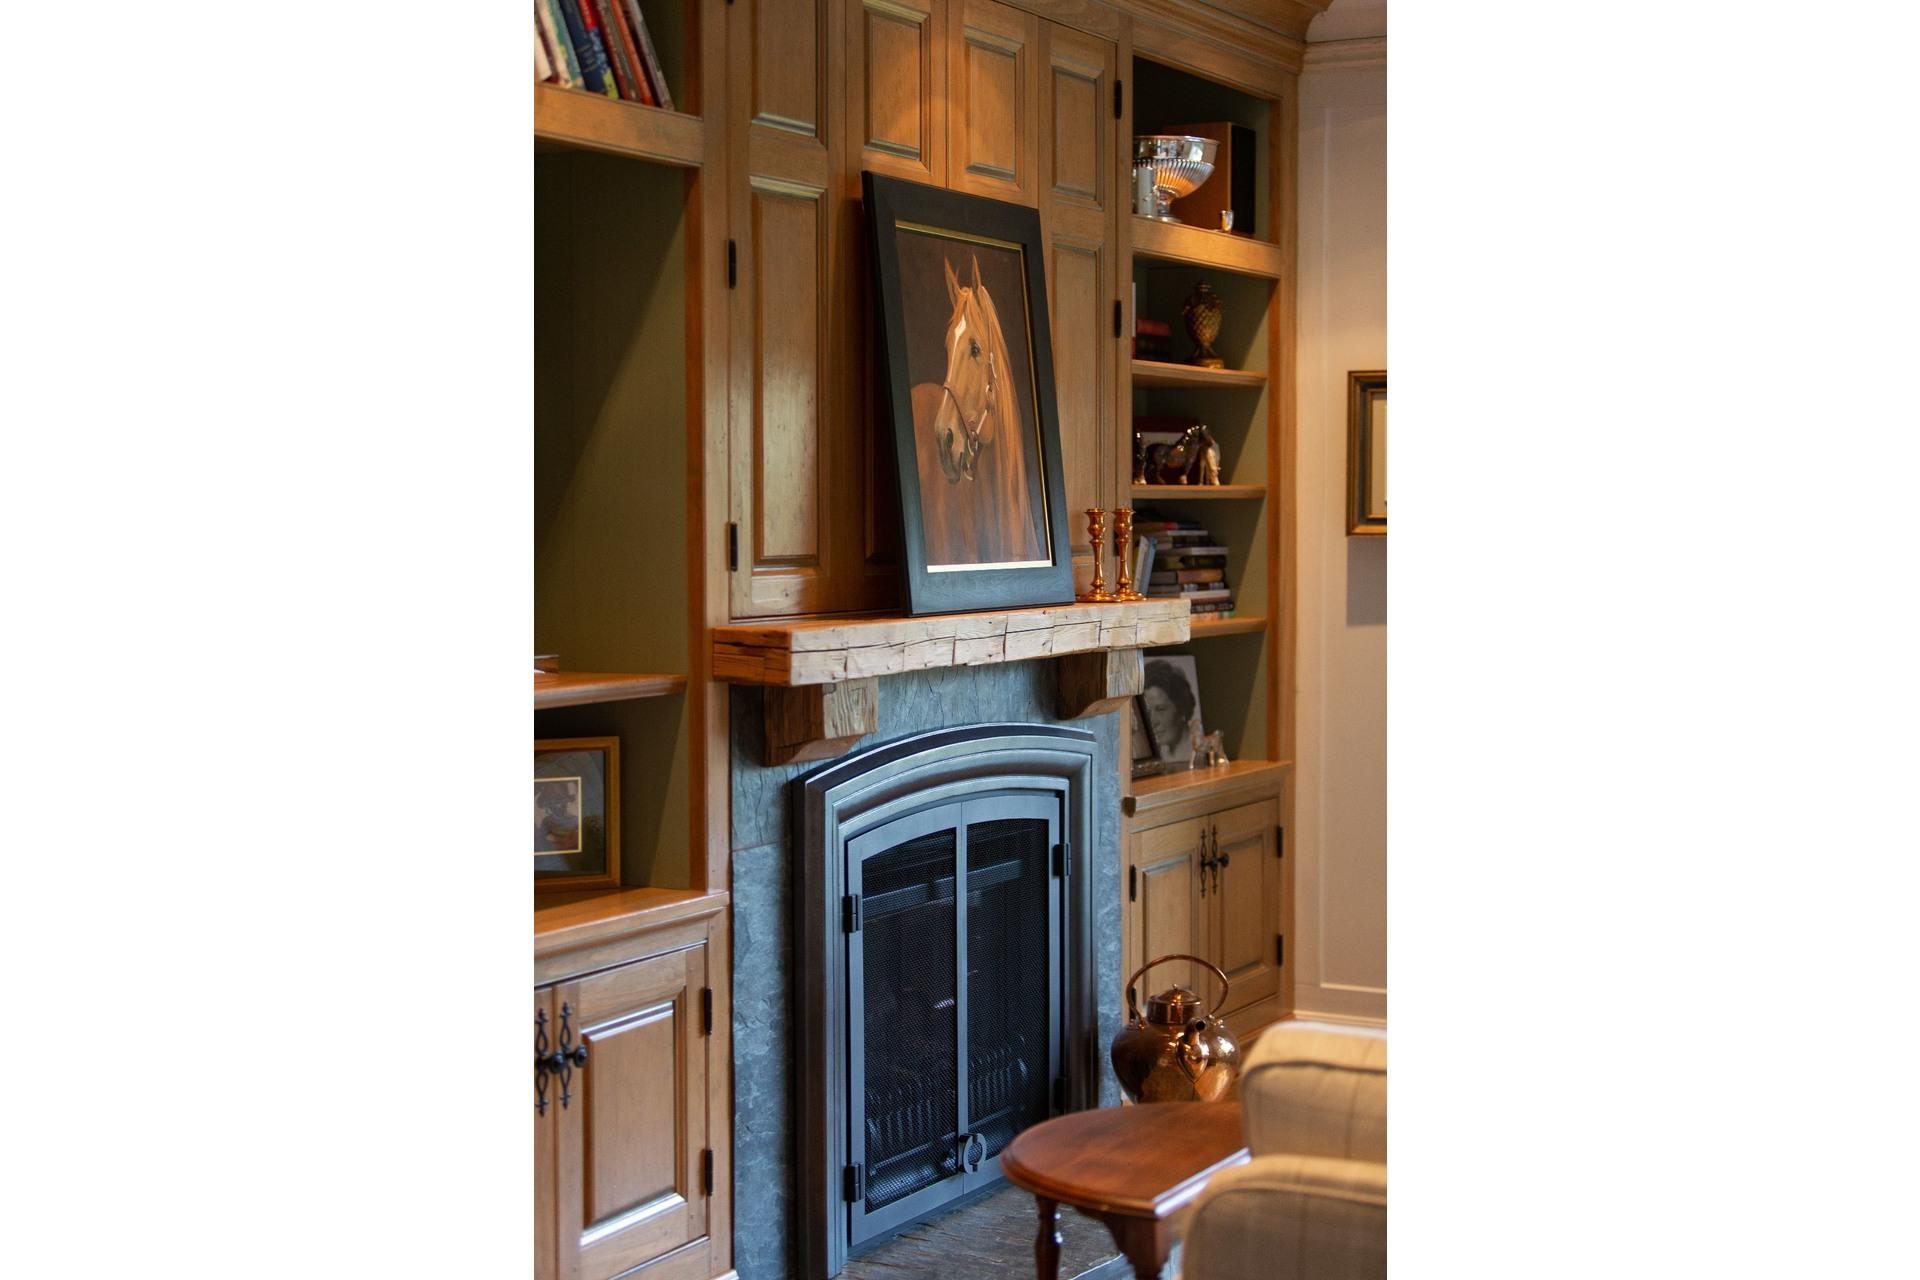 image 21 - Casa In Vendita Hudson